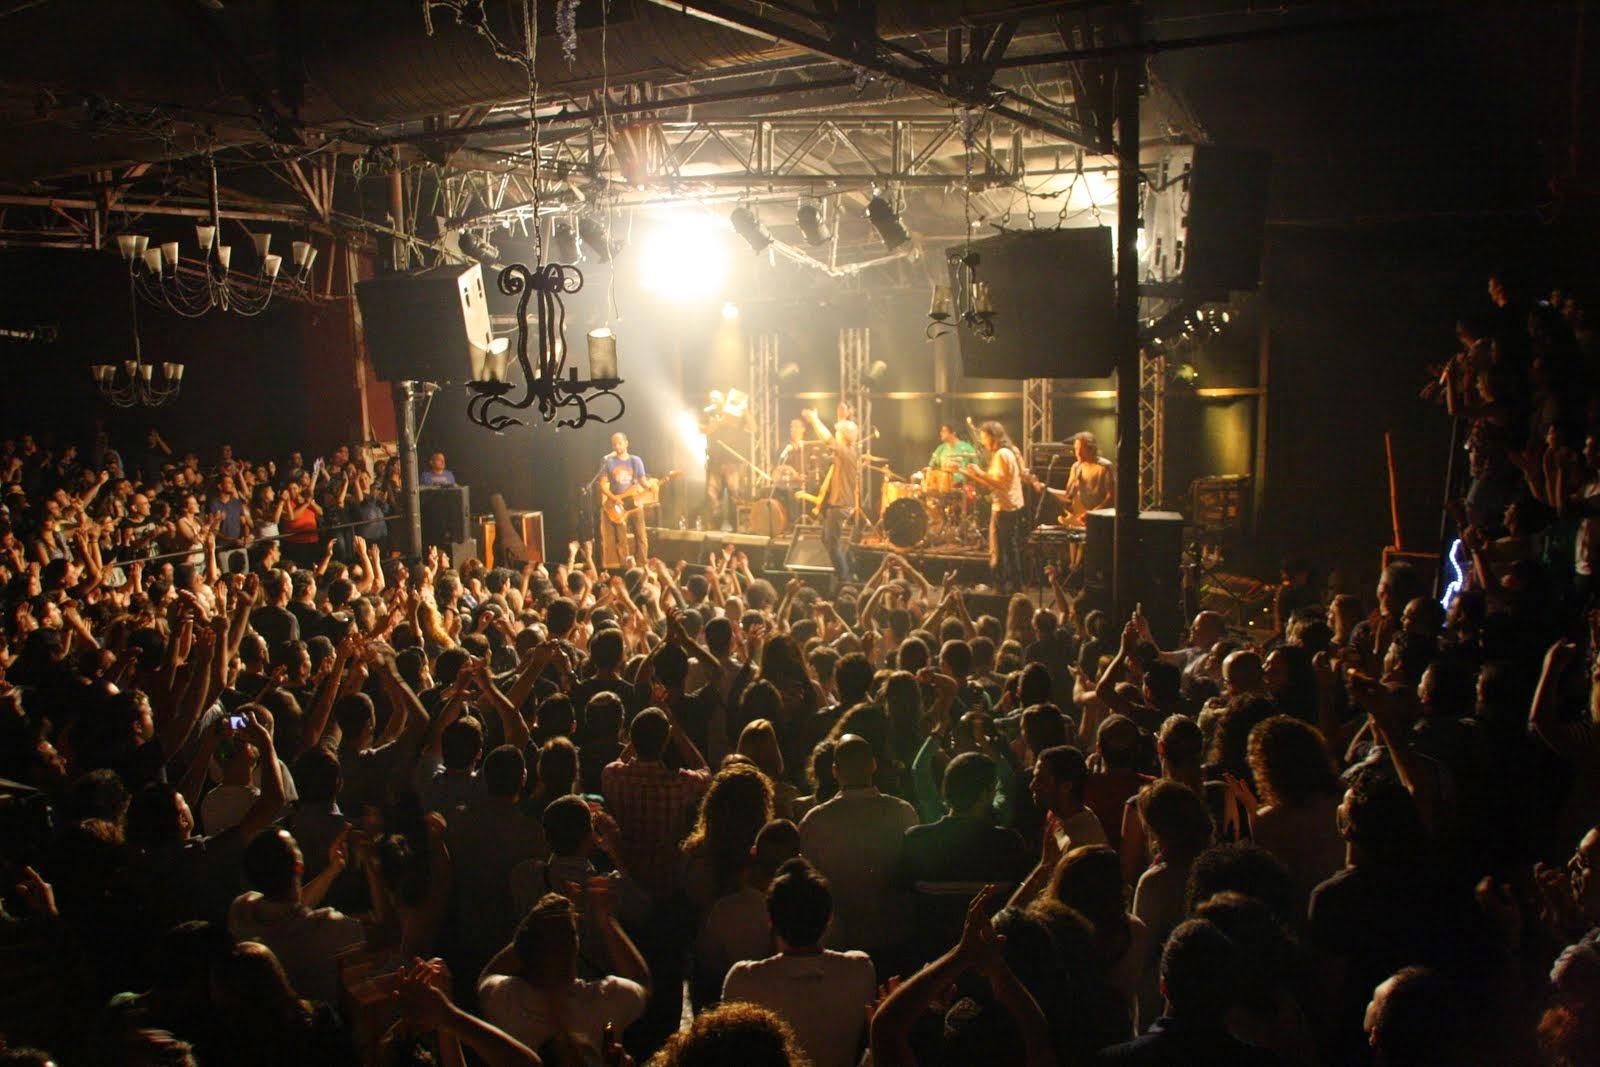 איפה יש הופעות רוק בתל אביב